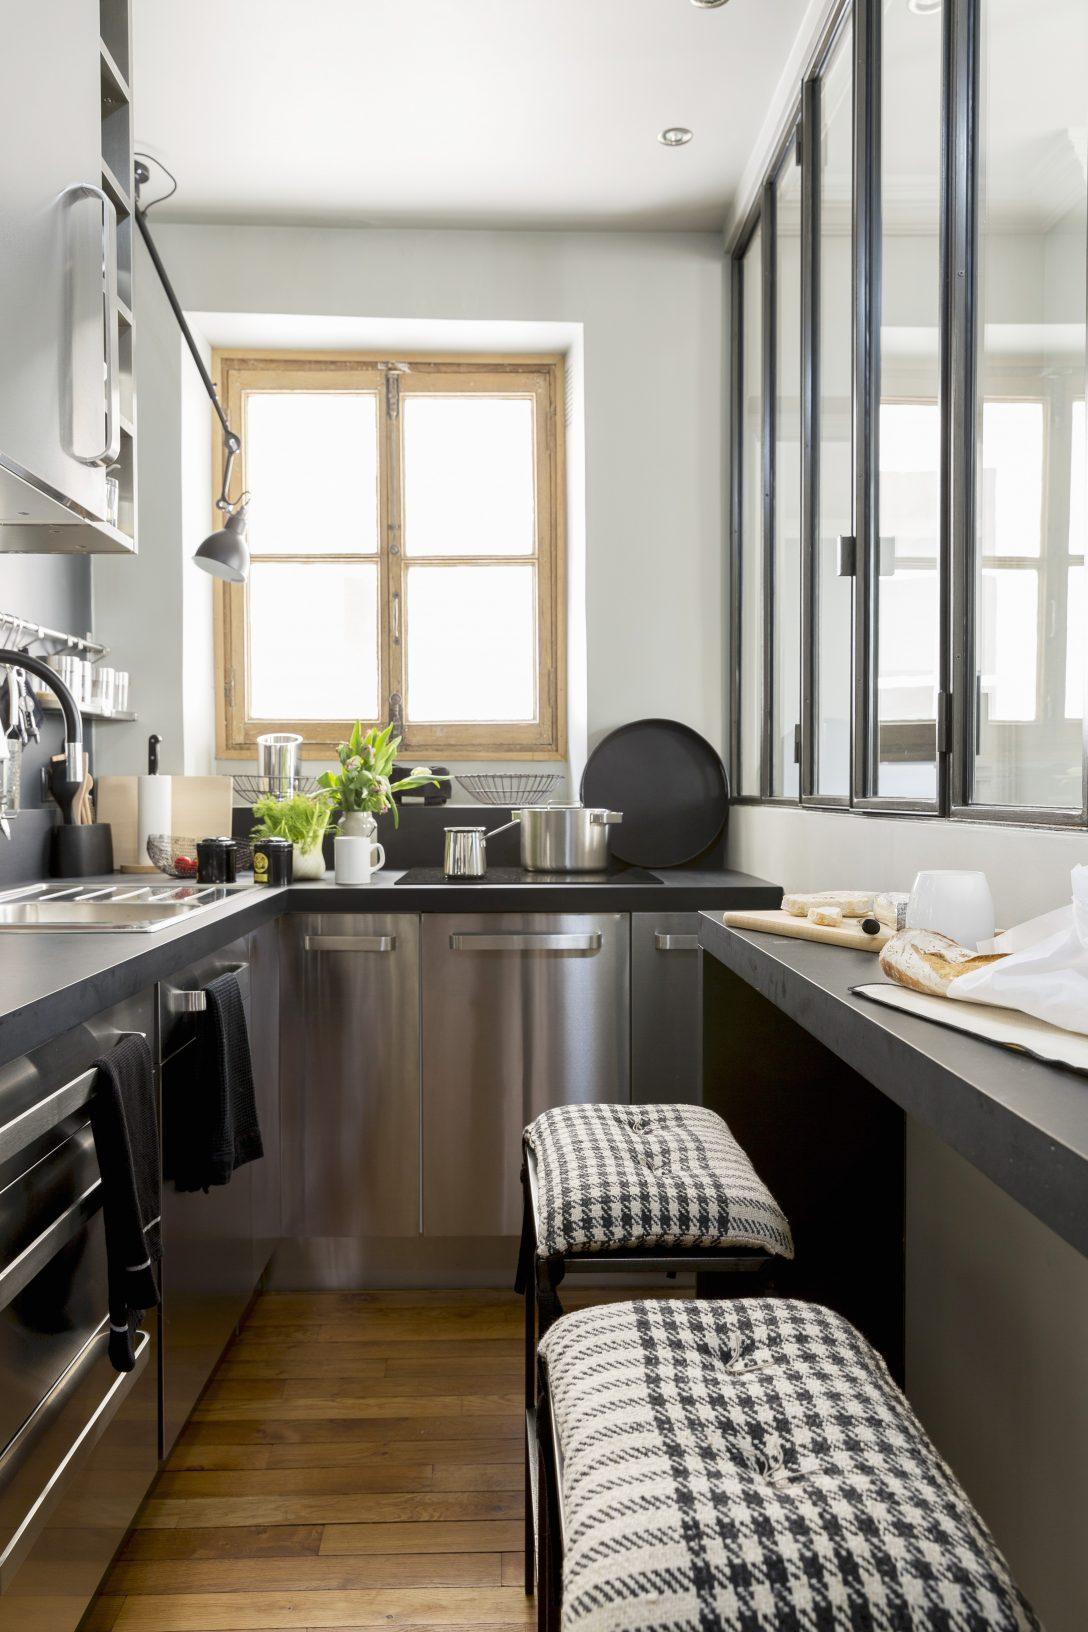 Large Size of Schmale Küche Mit Edelstahlfronten Und Barhockern Küche Küche Einrichten